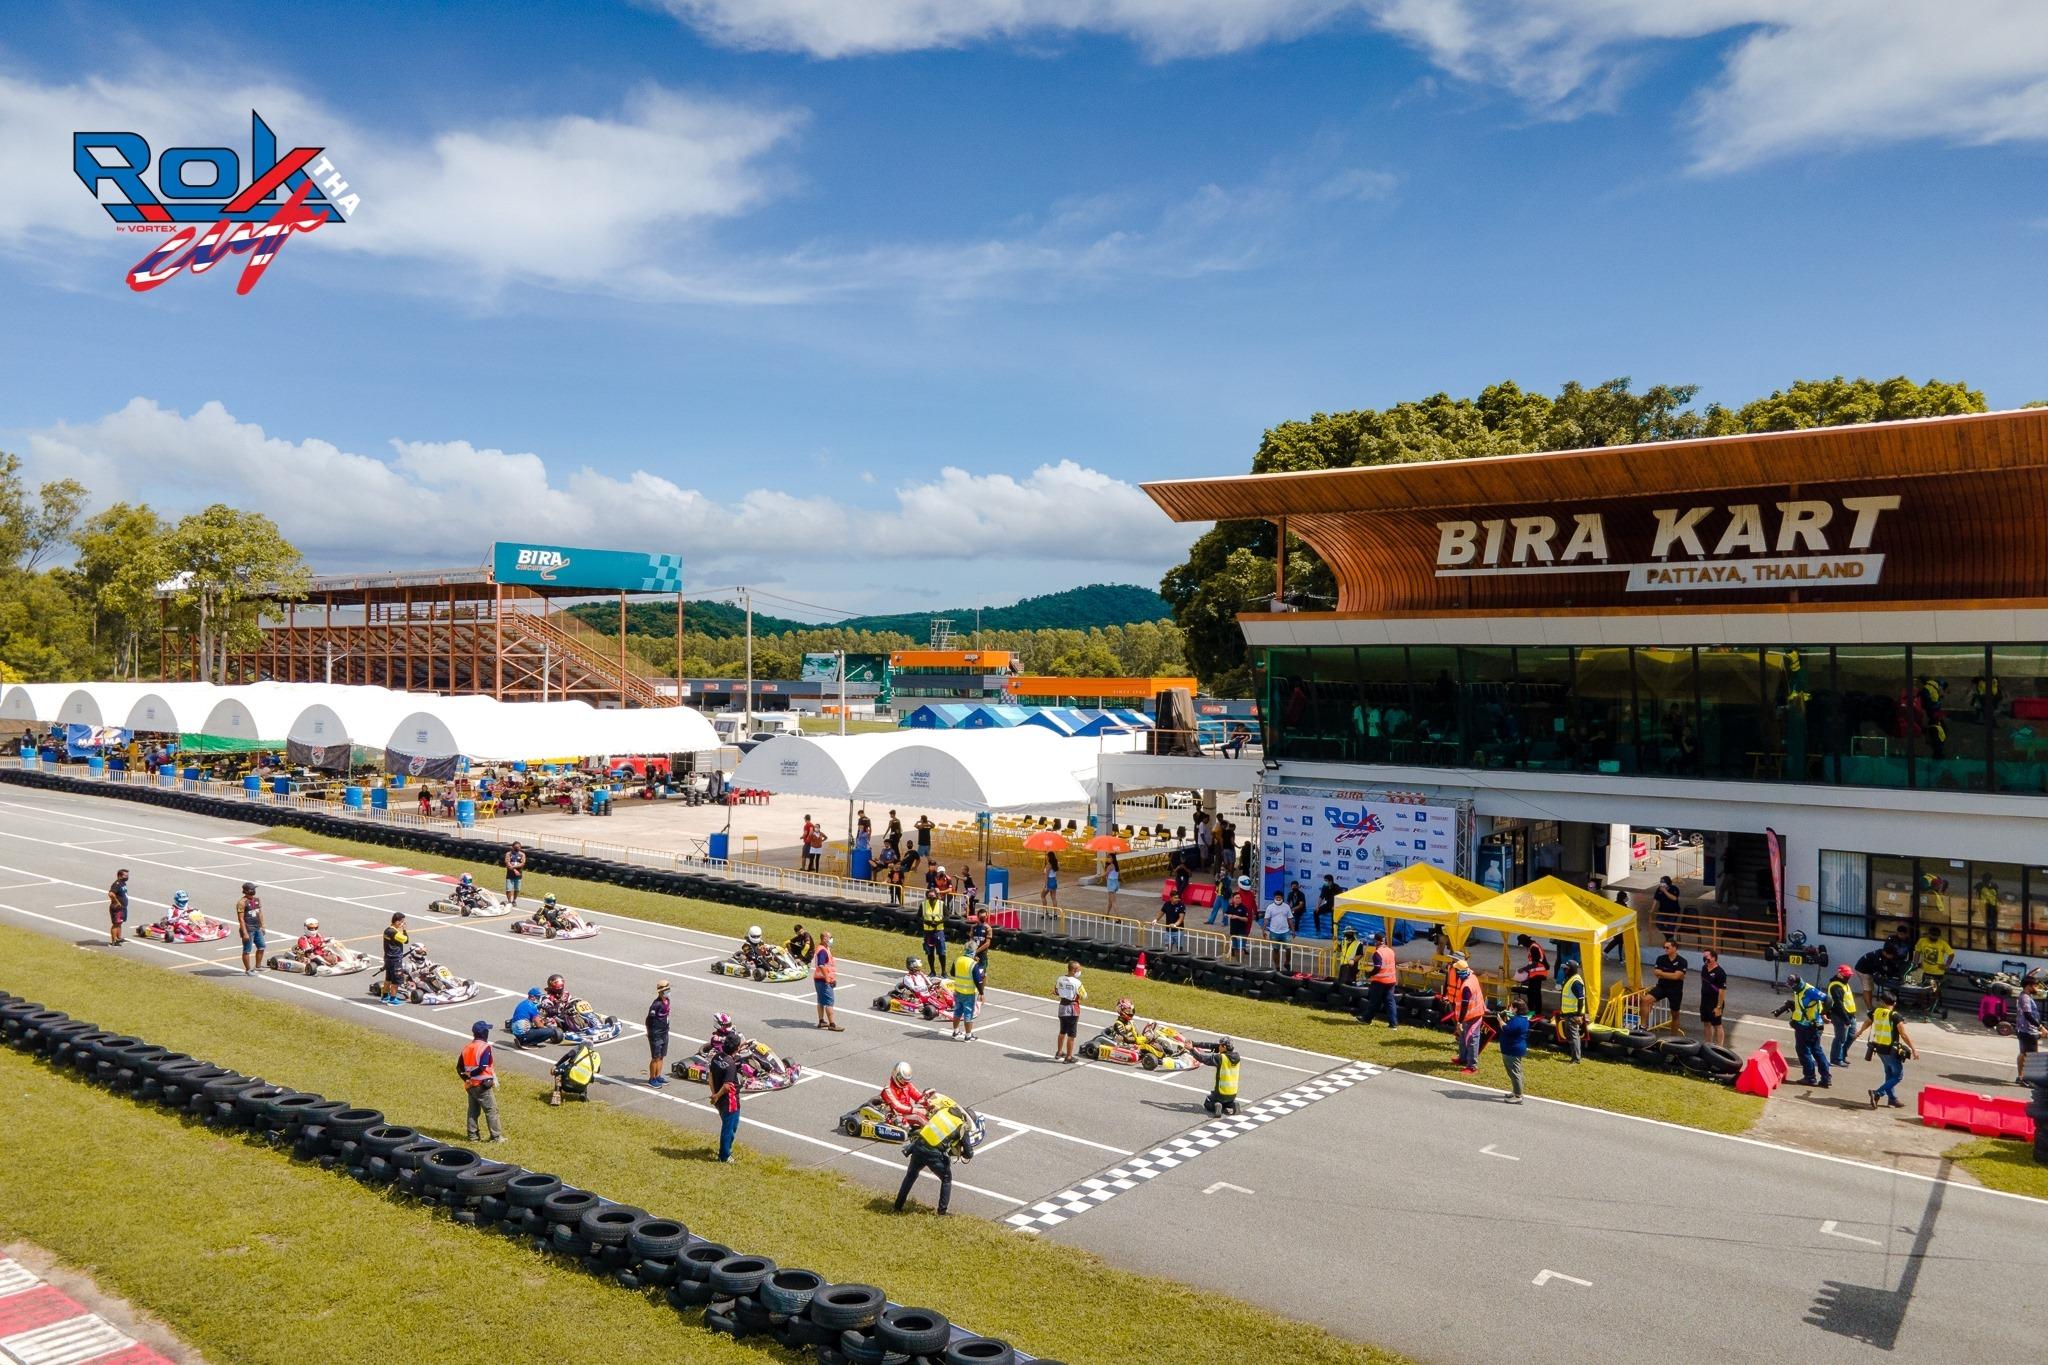 Round 3 : 23-08-2020 ROK CUP THAILAND 2020 AT BIRA